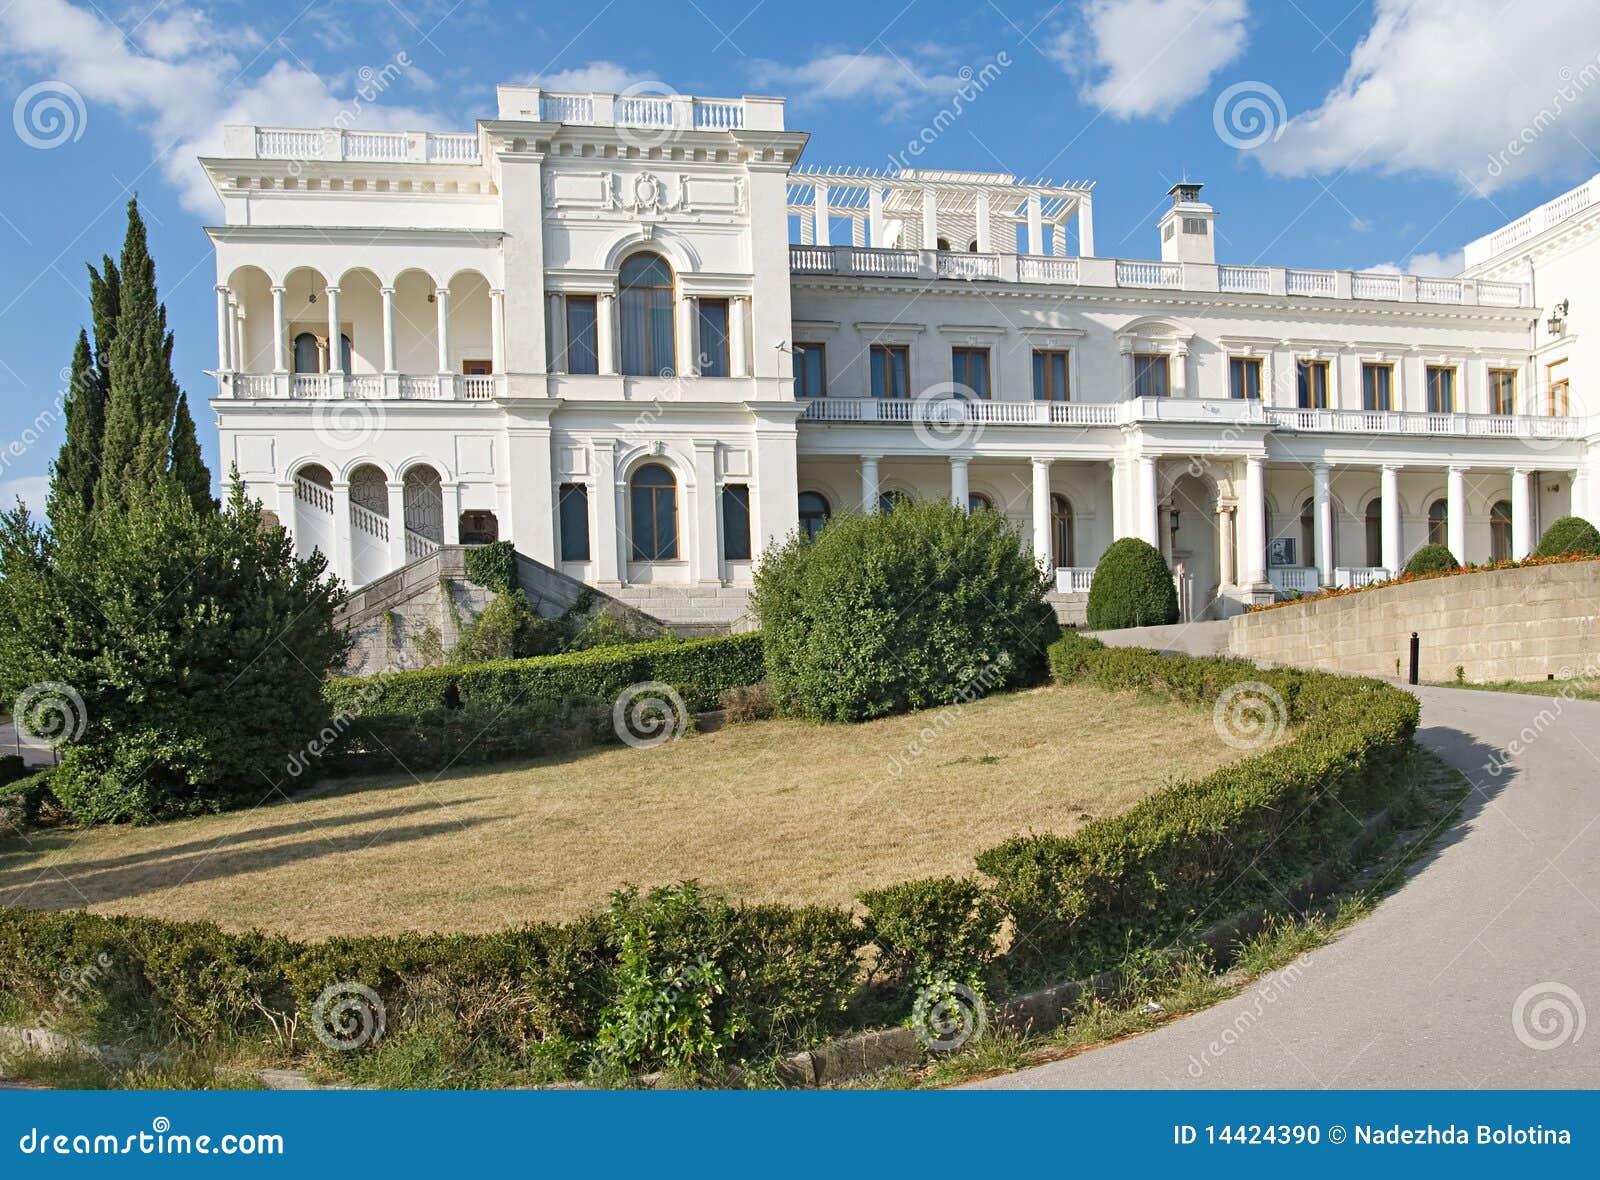 Yalta and Livadia 14